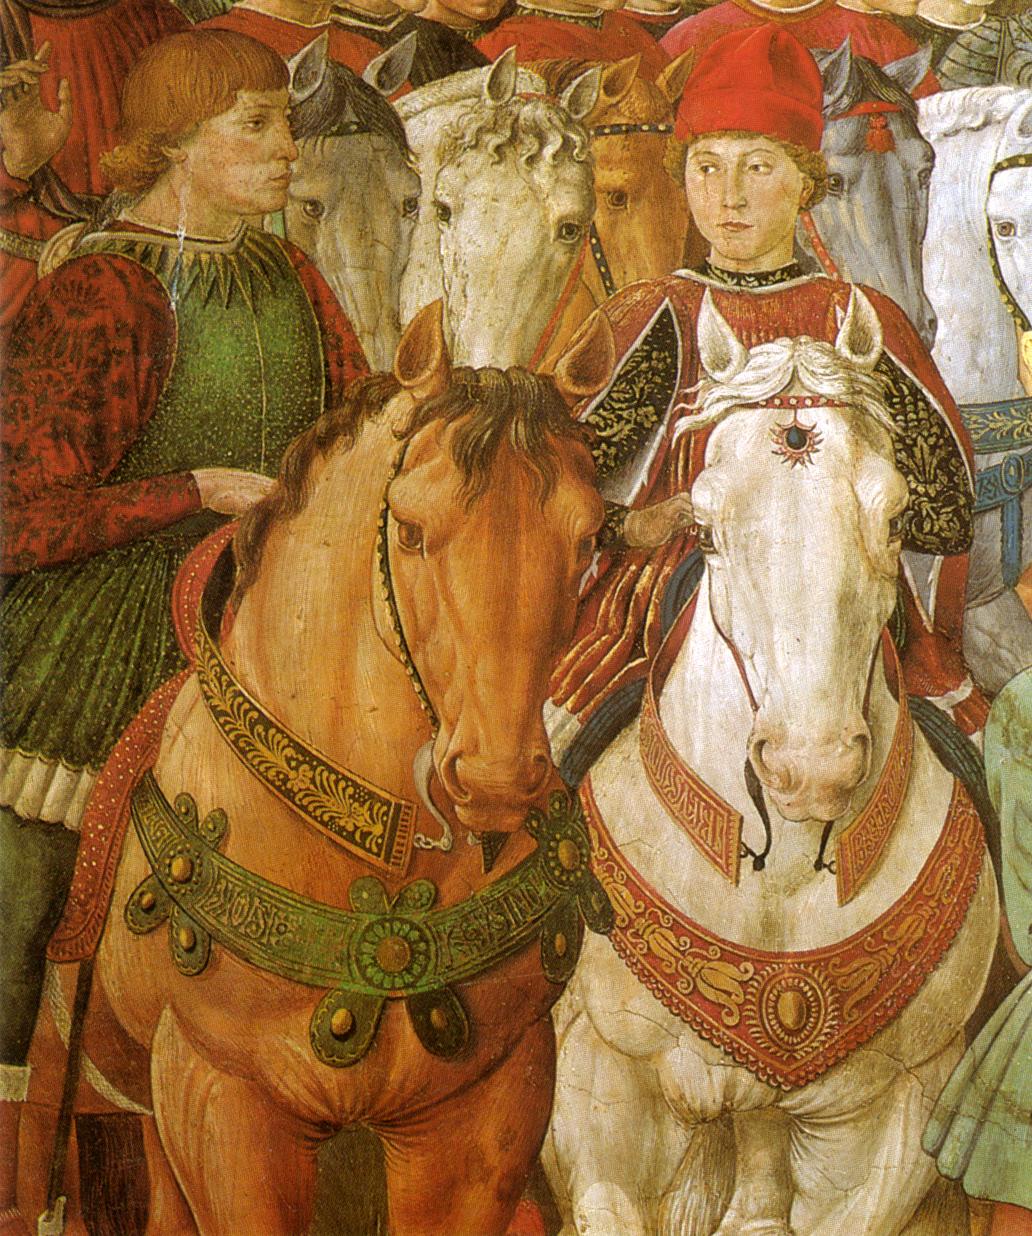 Sigismondo Malatesta (left) and Galeazzo Maria Sforza (right).